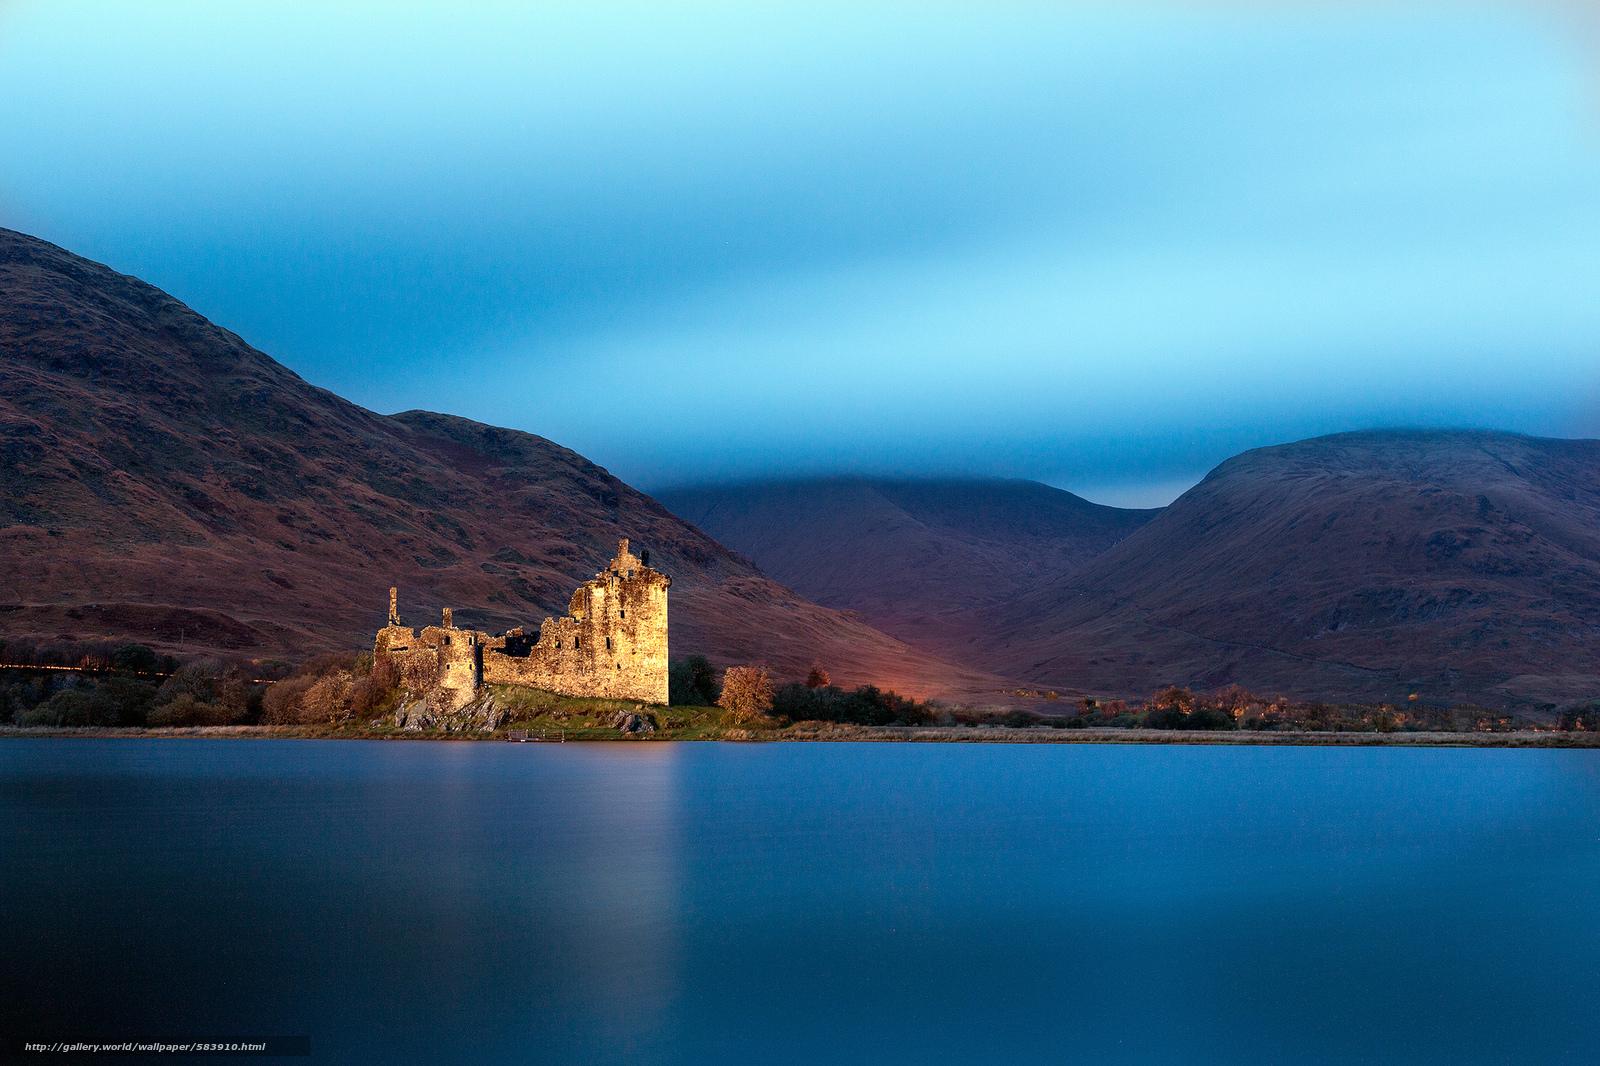 Скачать обои Великобритания,  озеро,  замок Килхурн,  Шотландия бесплатно для рабочего стола в разрешении 2048x1365 — картинка №583910